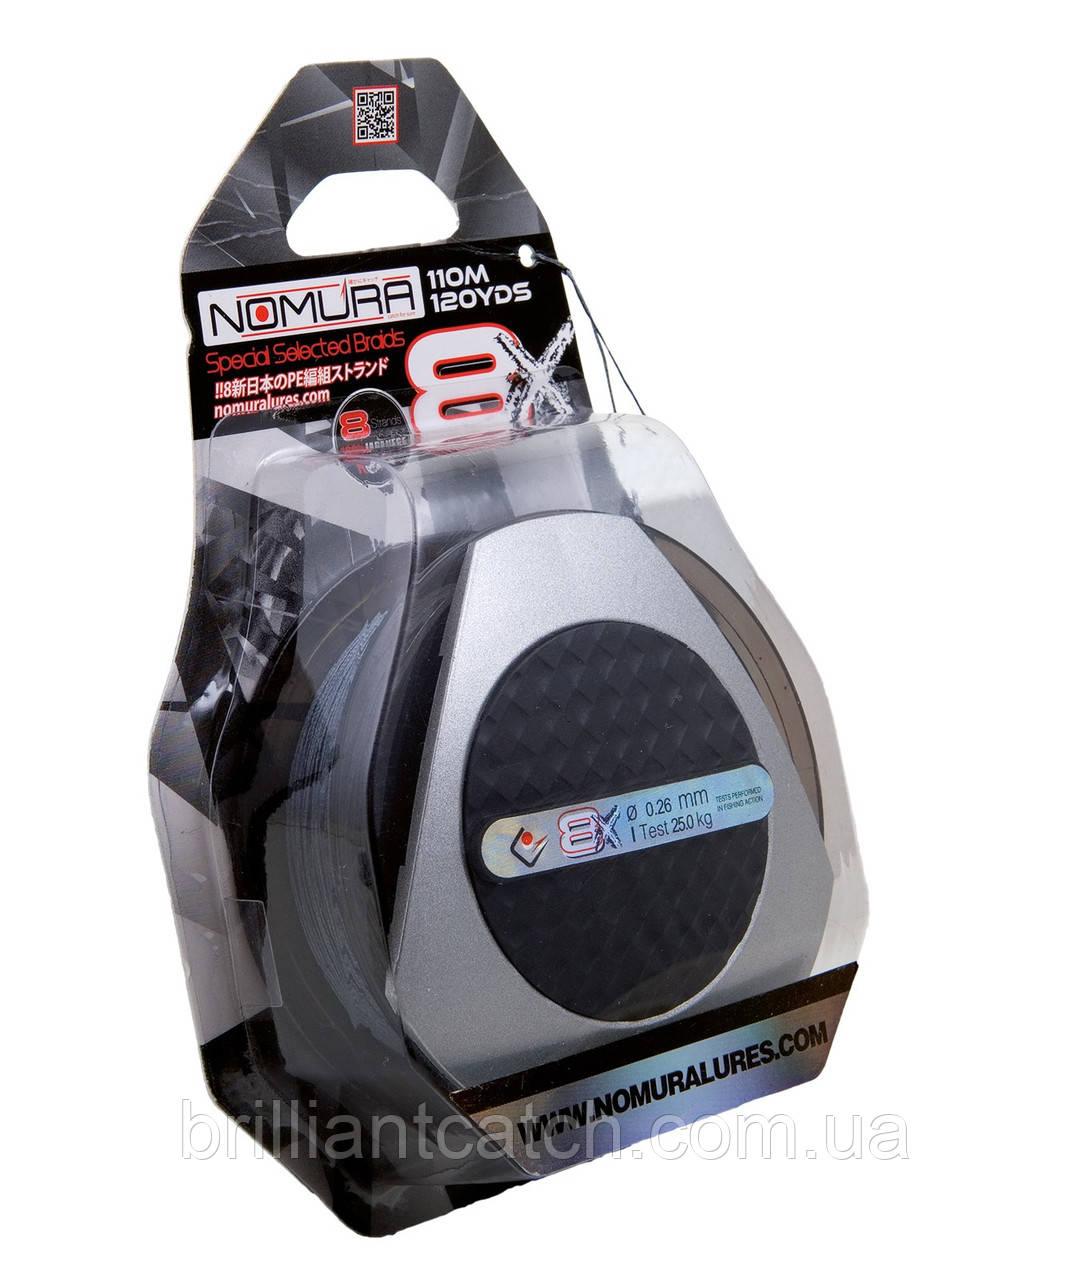 Шнур Nomura Sensum 8X Braid 110м(120yds)  0.128мм  13кг  цвет-gray (серый)